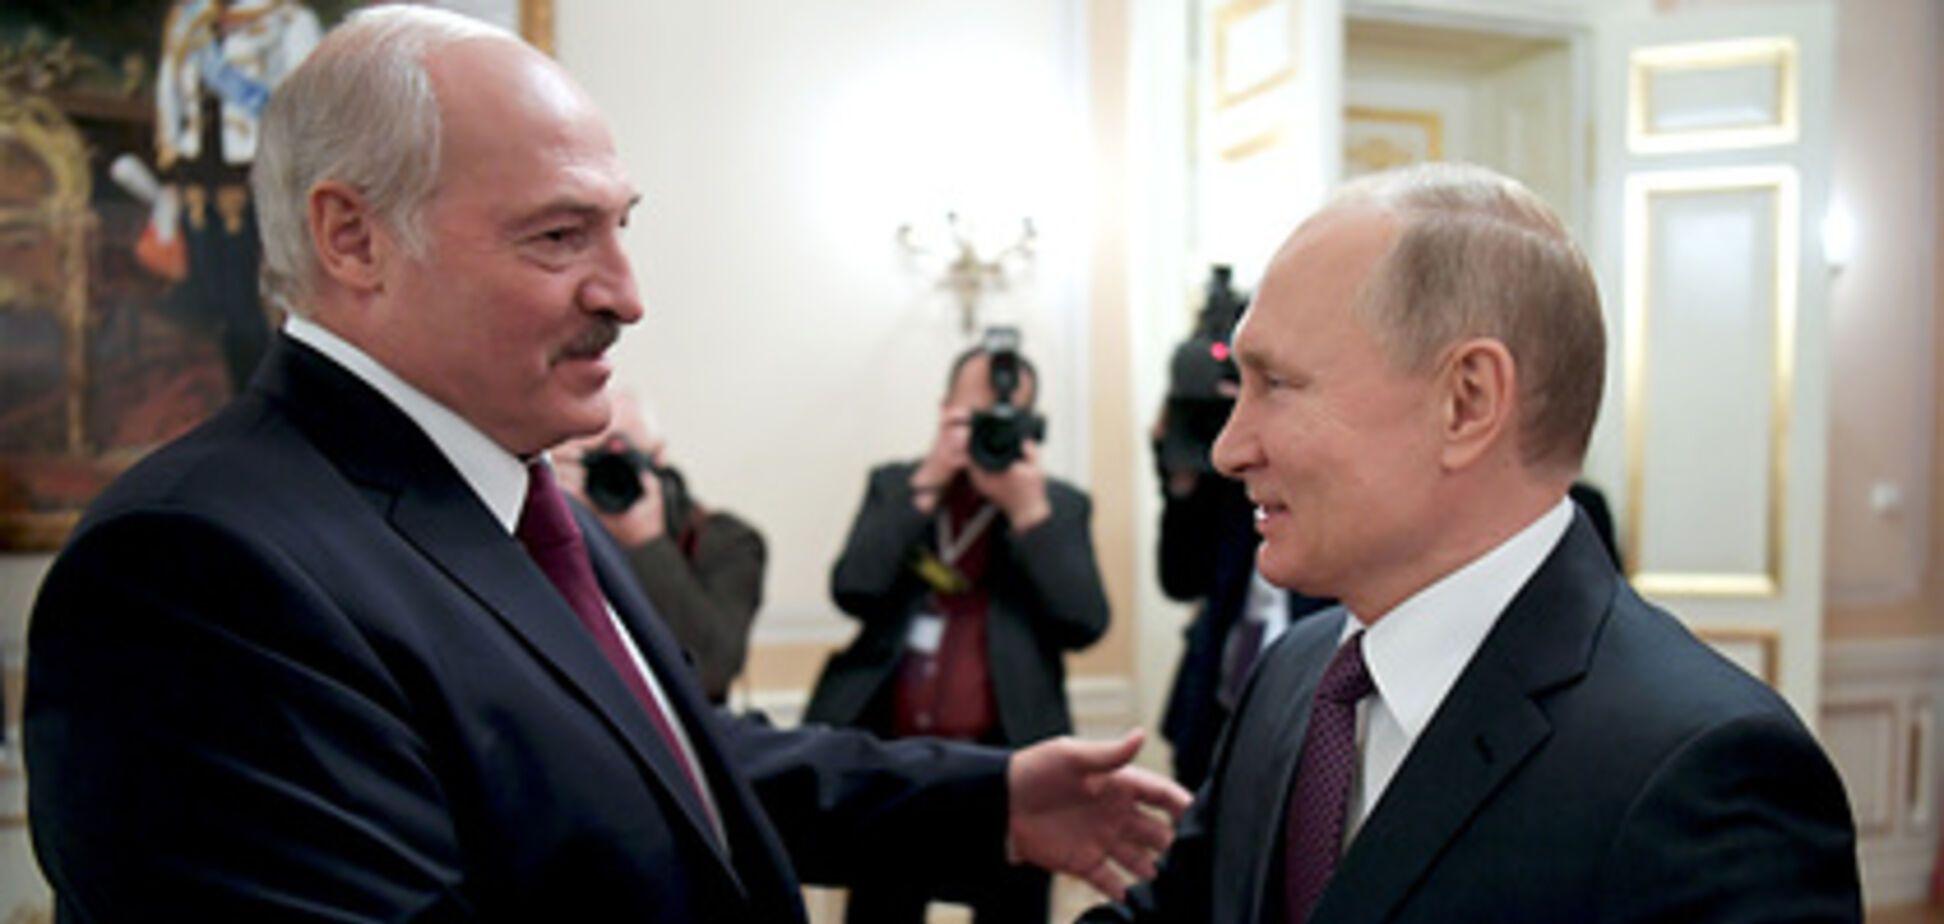 'Видит себя мировым лидером': Путин пытался уговорить Лукашенко создать сверхдержаву